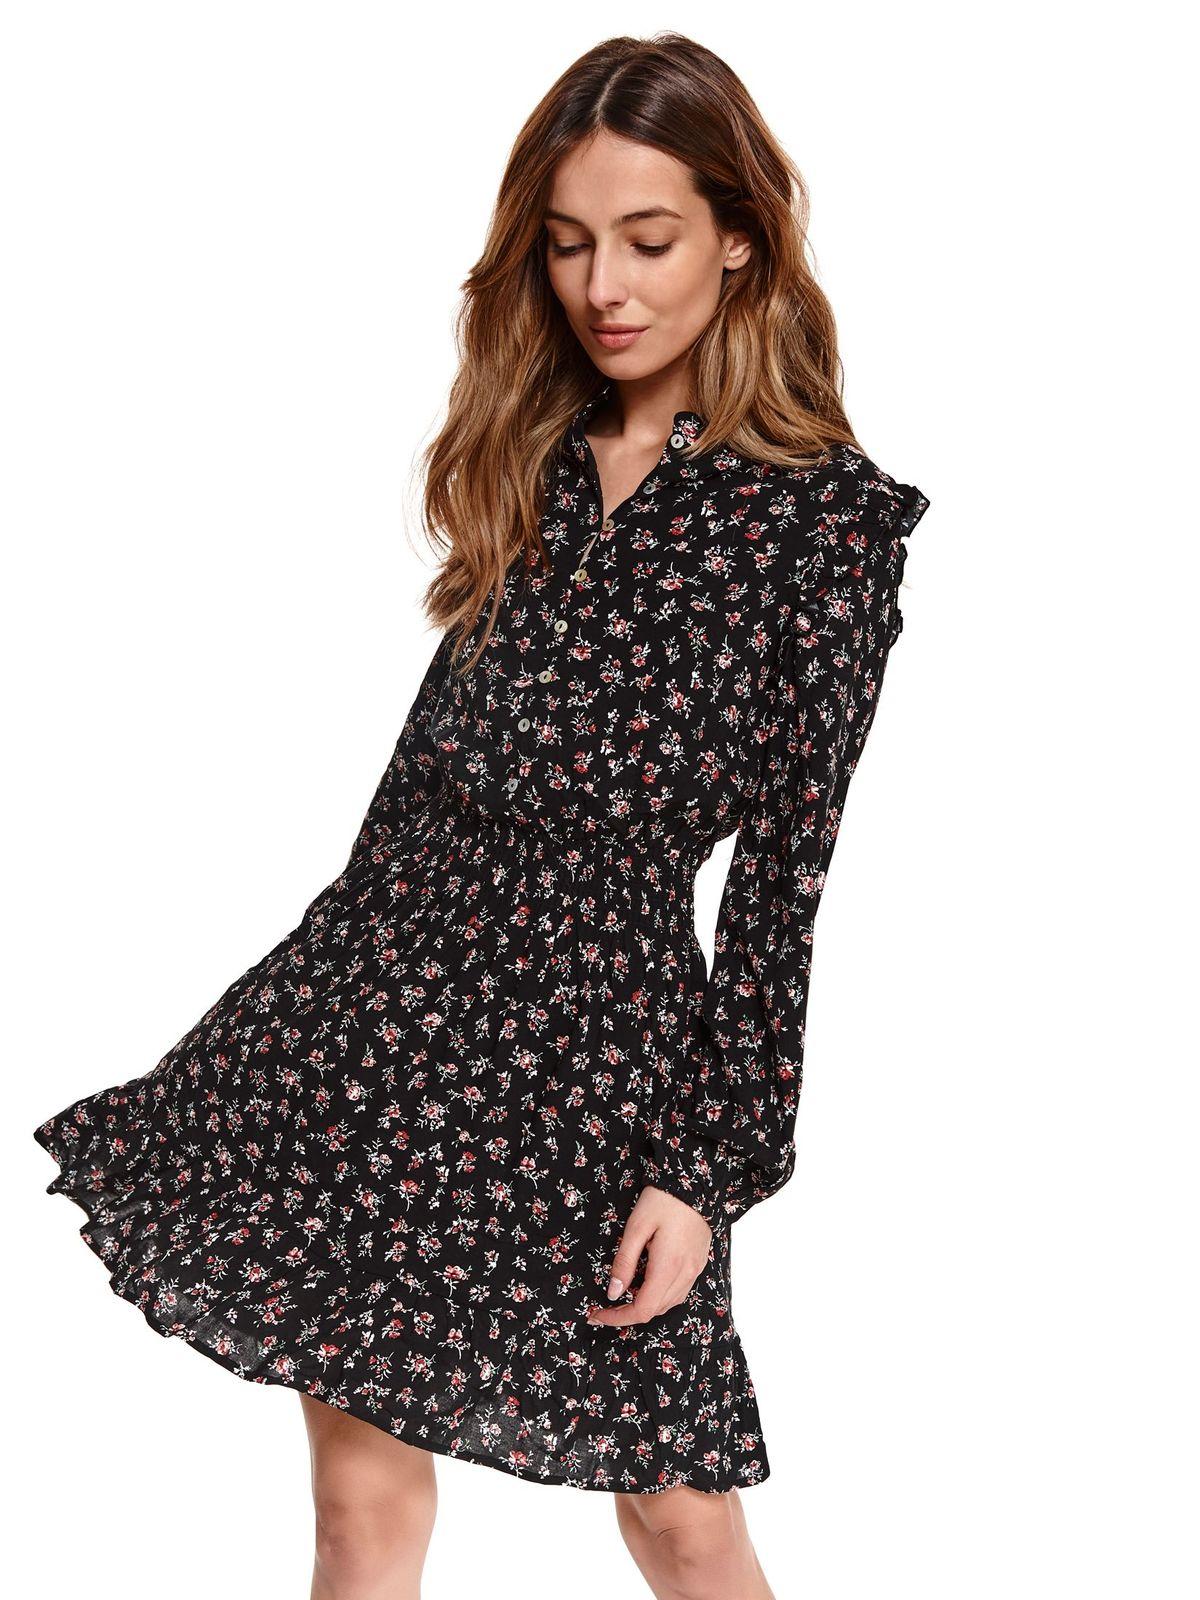 Rochie Top Secret neagra cu imprimeu floral clos cu elastic in talie cu maneci prinse in elastic